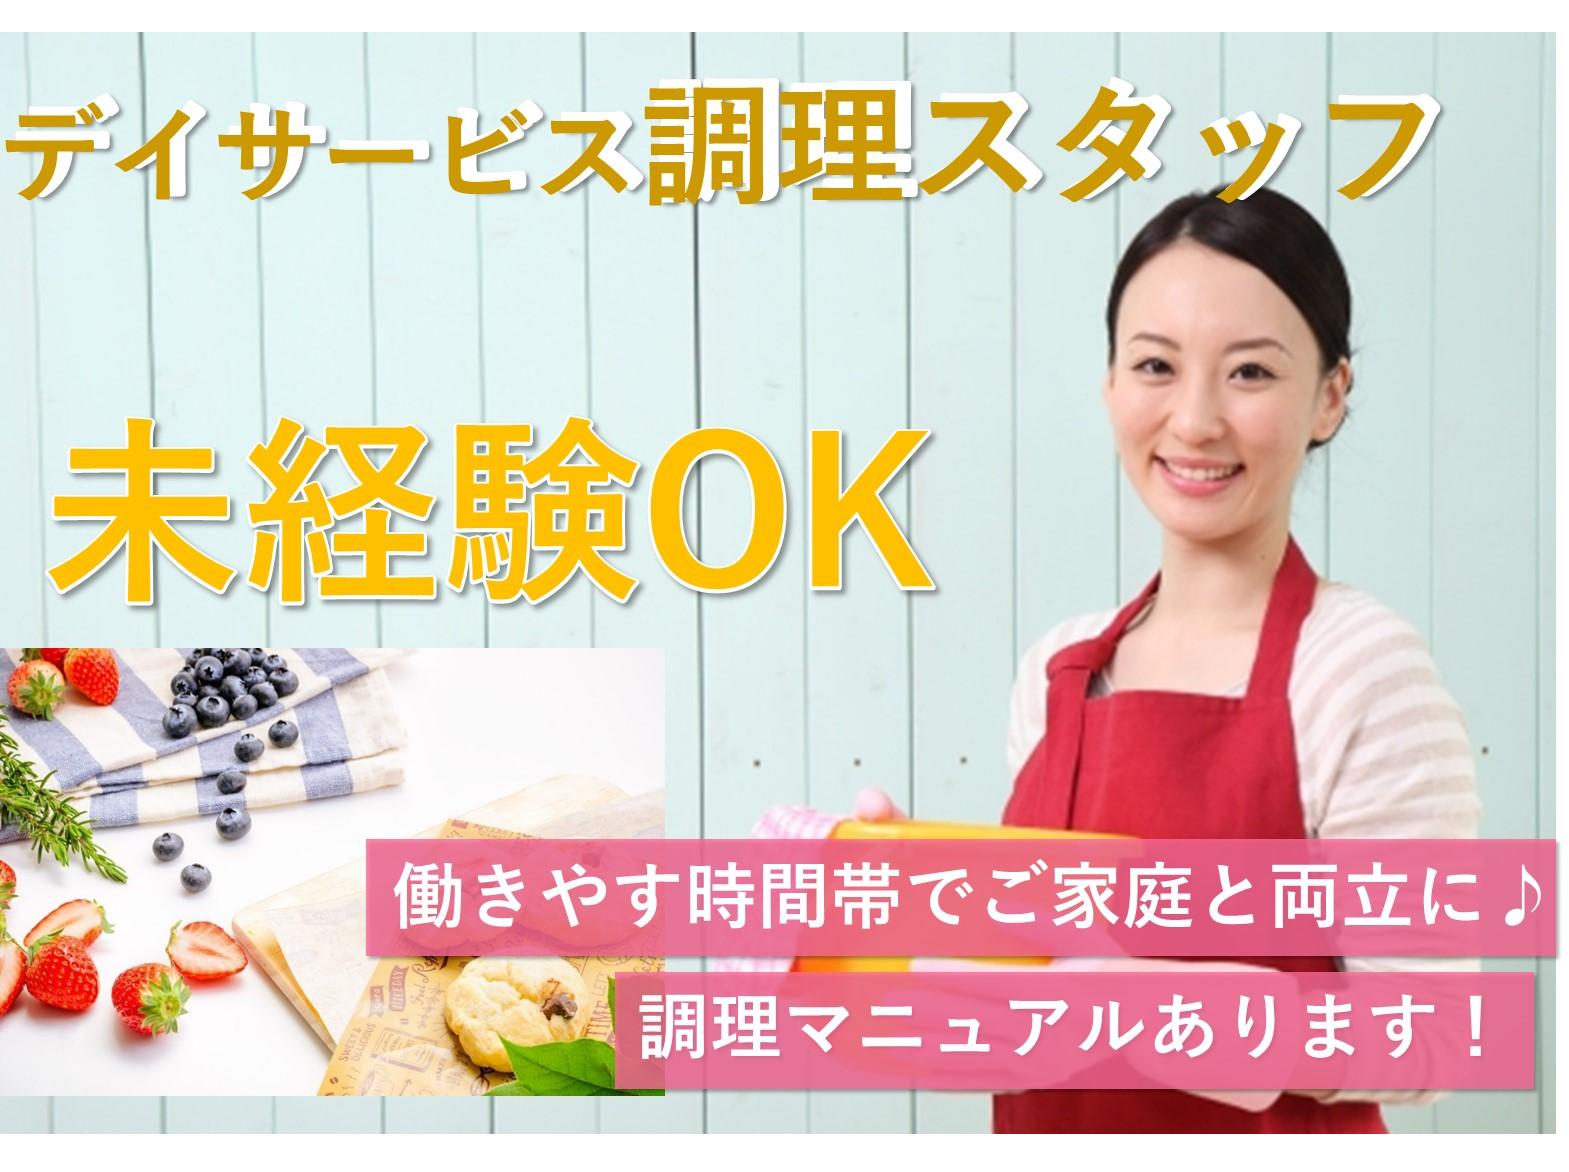 急募【パート】未経験OK!日中の働きやすい時間帯♪デイサービスの調理スタッフ イメージ